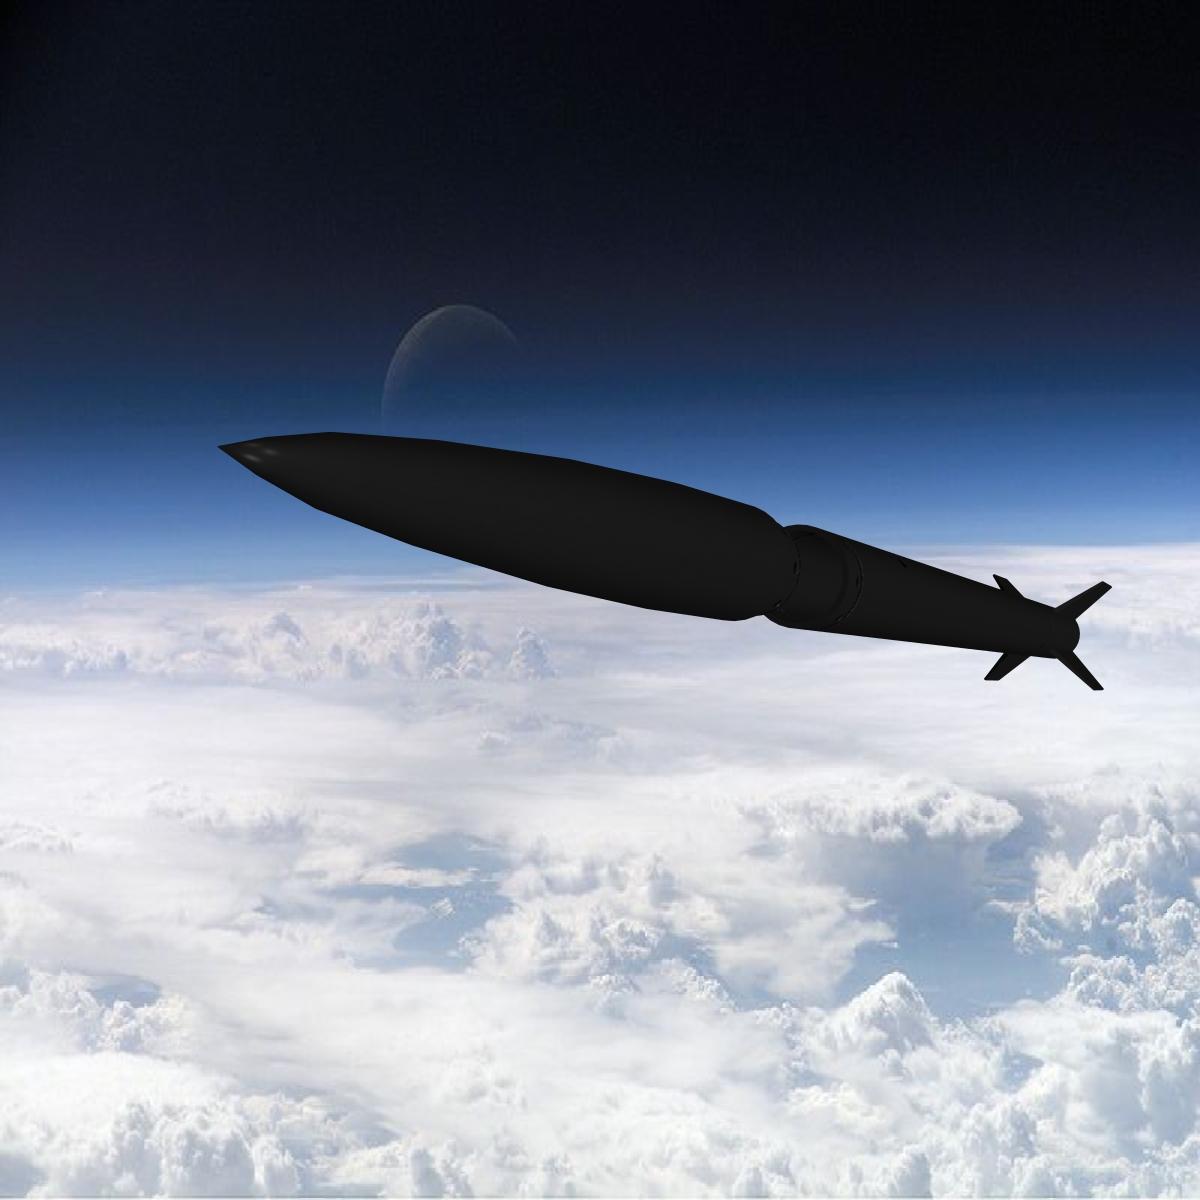 Бидэнд супер поки пуужин 3d загвар 3ds dxf cob x obj 153141